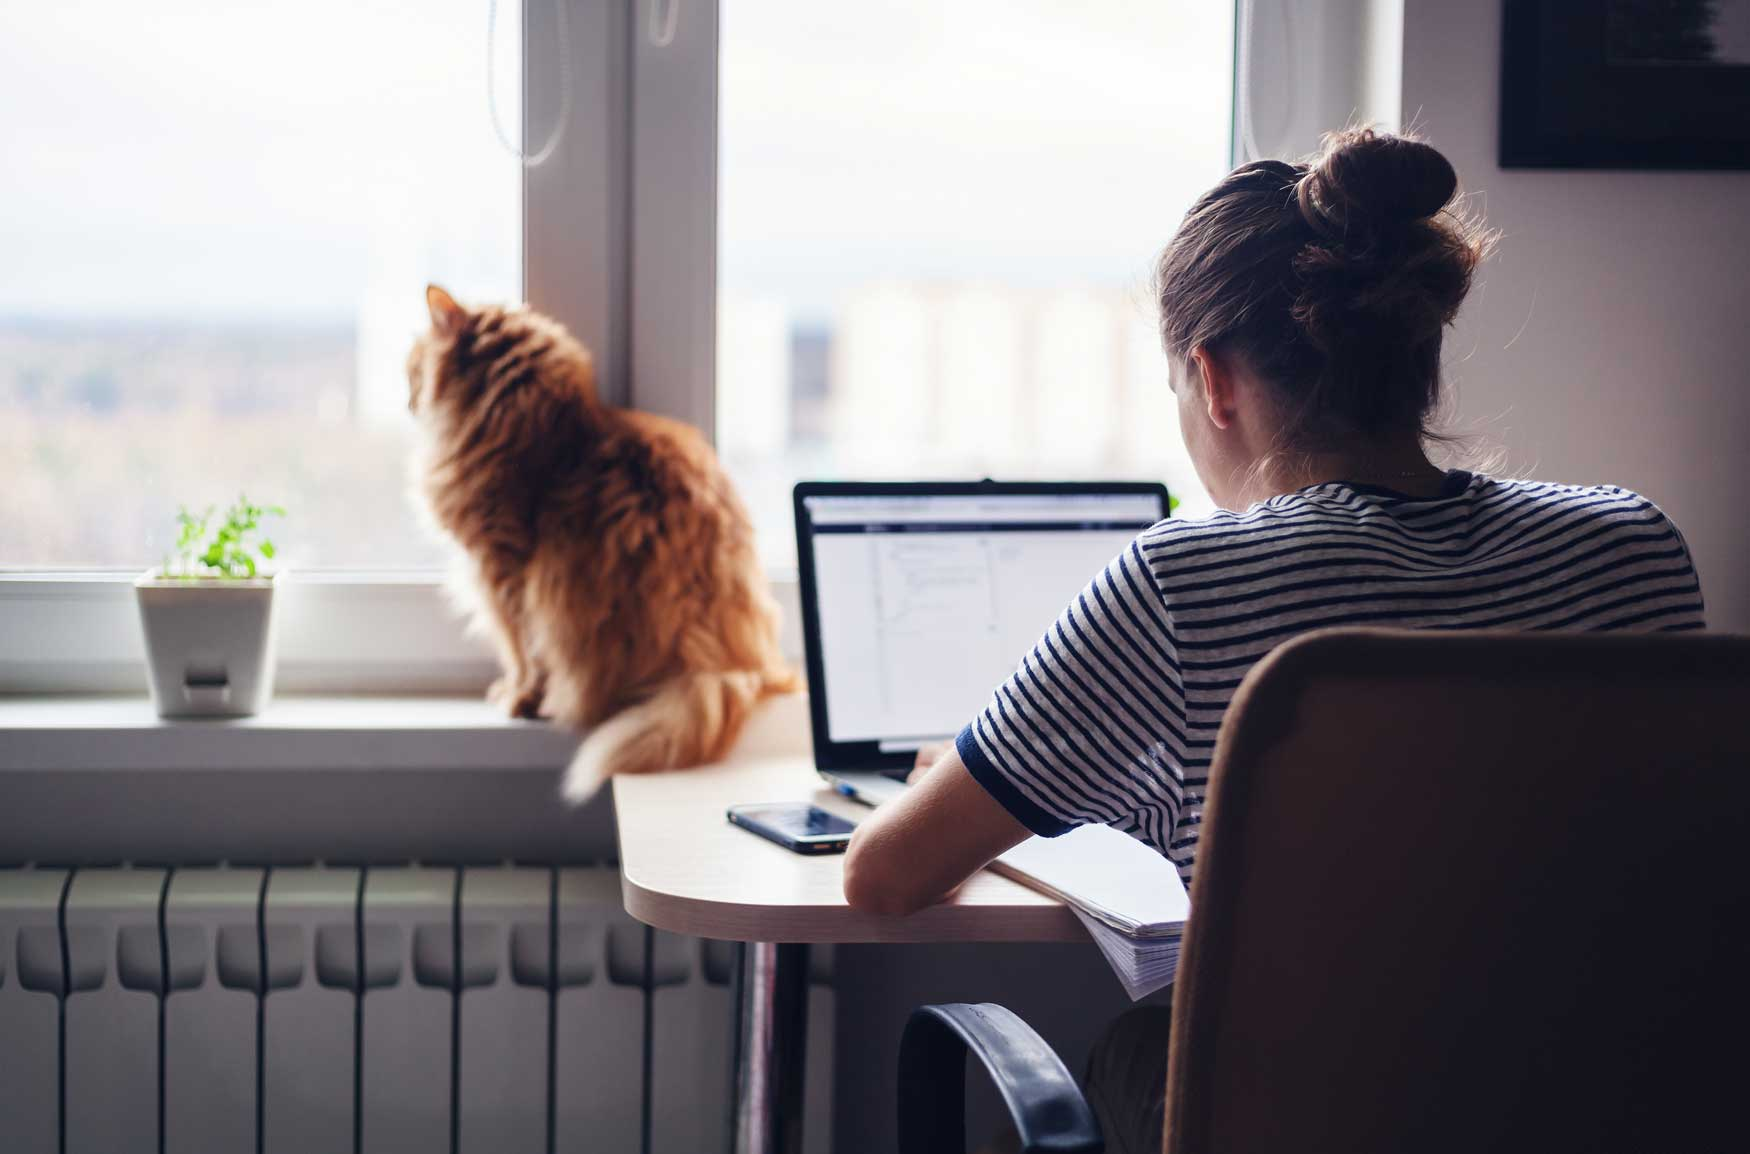 Junge Frau arbeitet dank flexibler Arbeitszeiten von Zuhause aus.